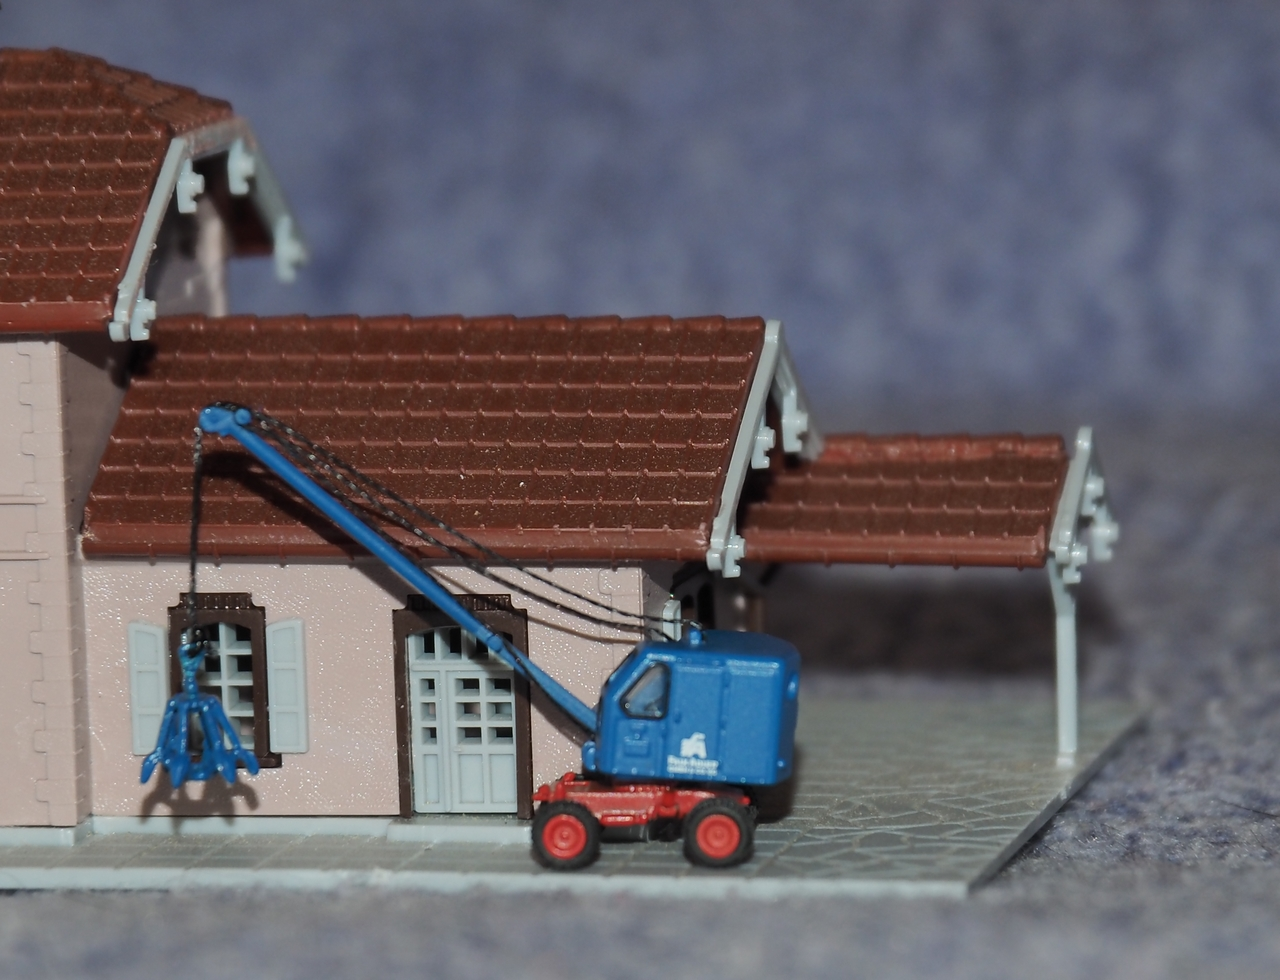 Echelle immeuble et véhicules Vw02b1280-50e460d